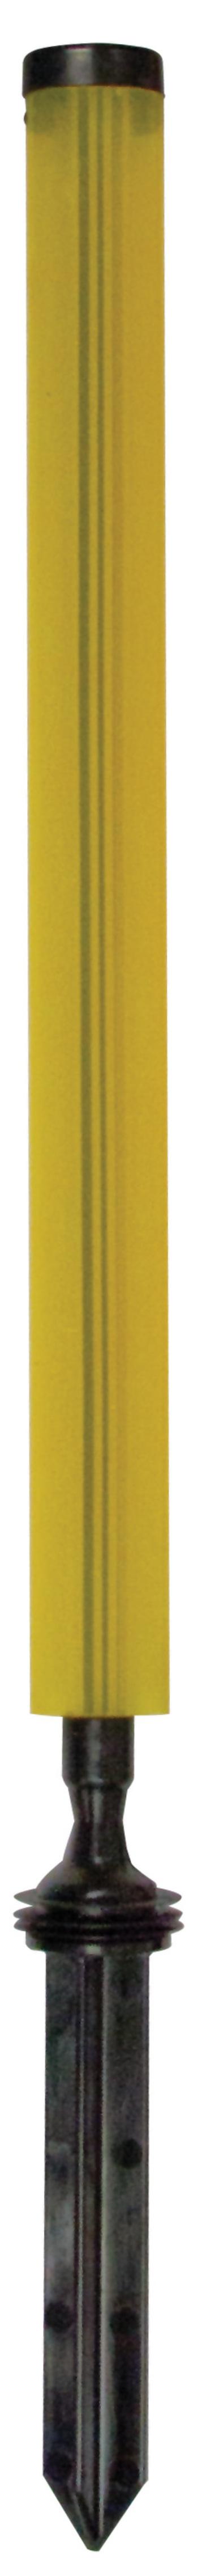 ALL FLEX Hindernis-/Distanz-Markierunge, gelb